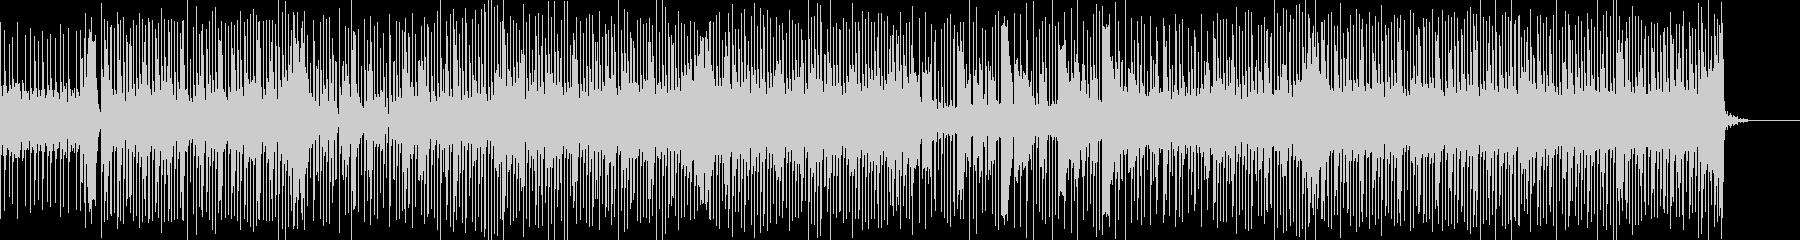 力強く切ないメロディが印象的な曲の未再生の波形